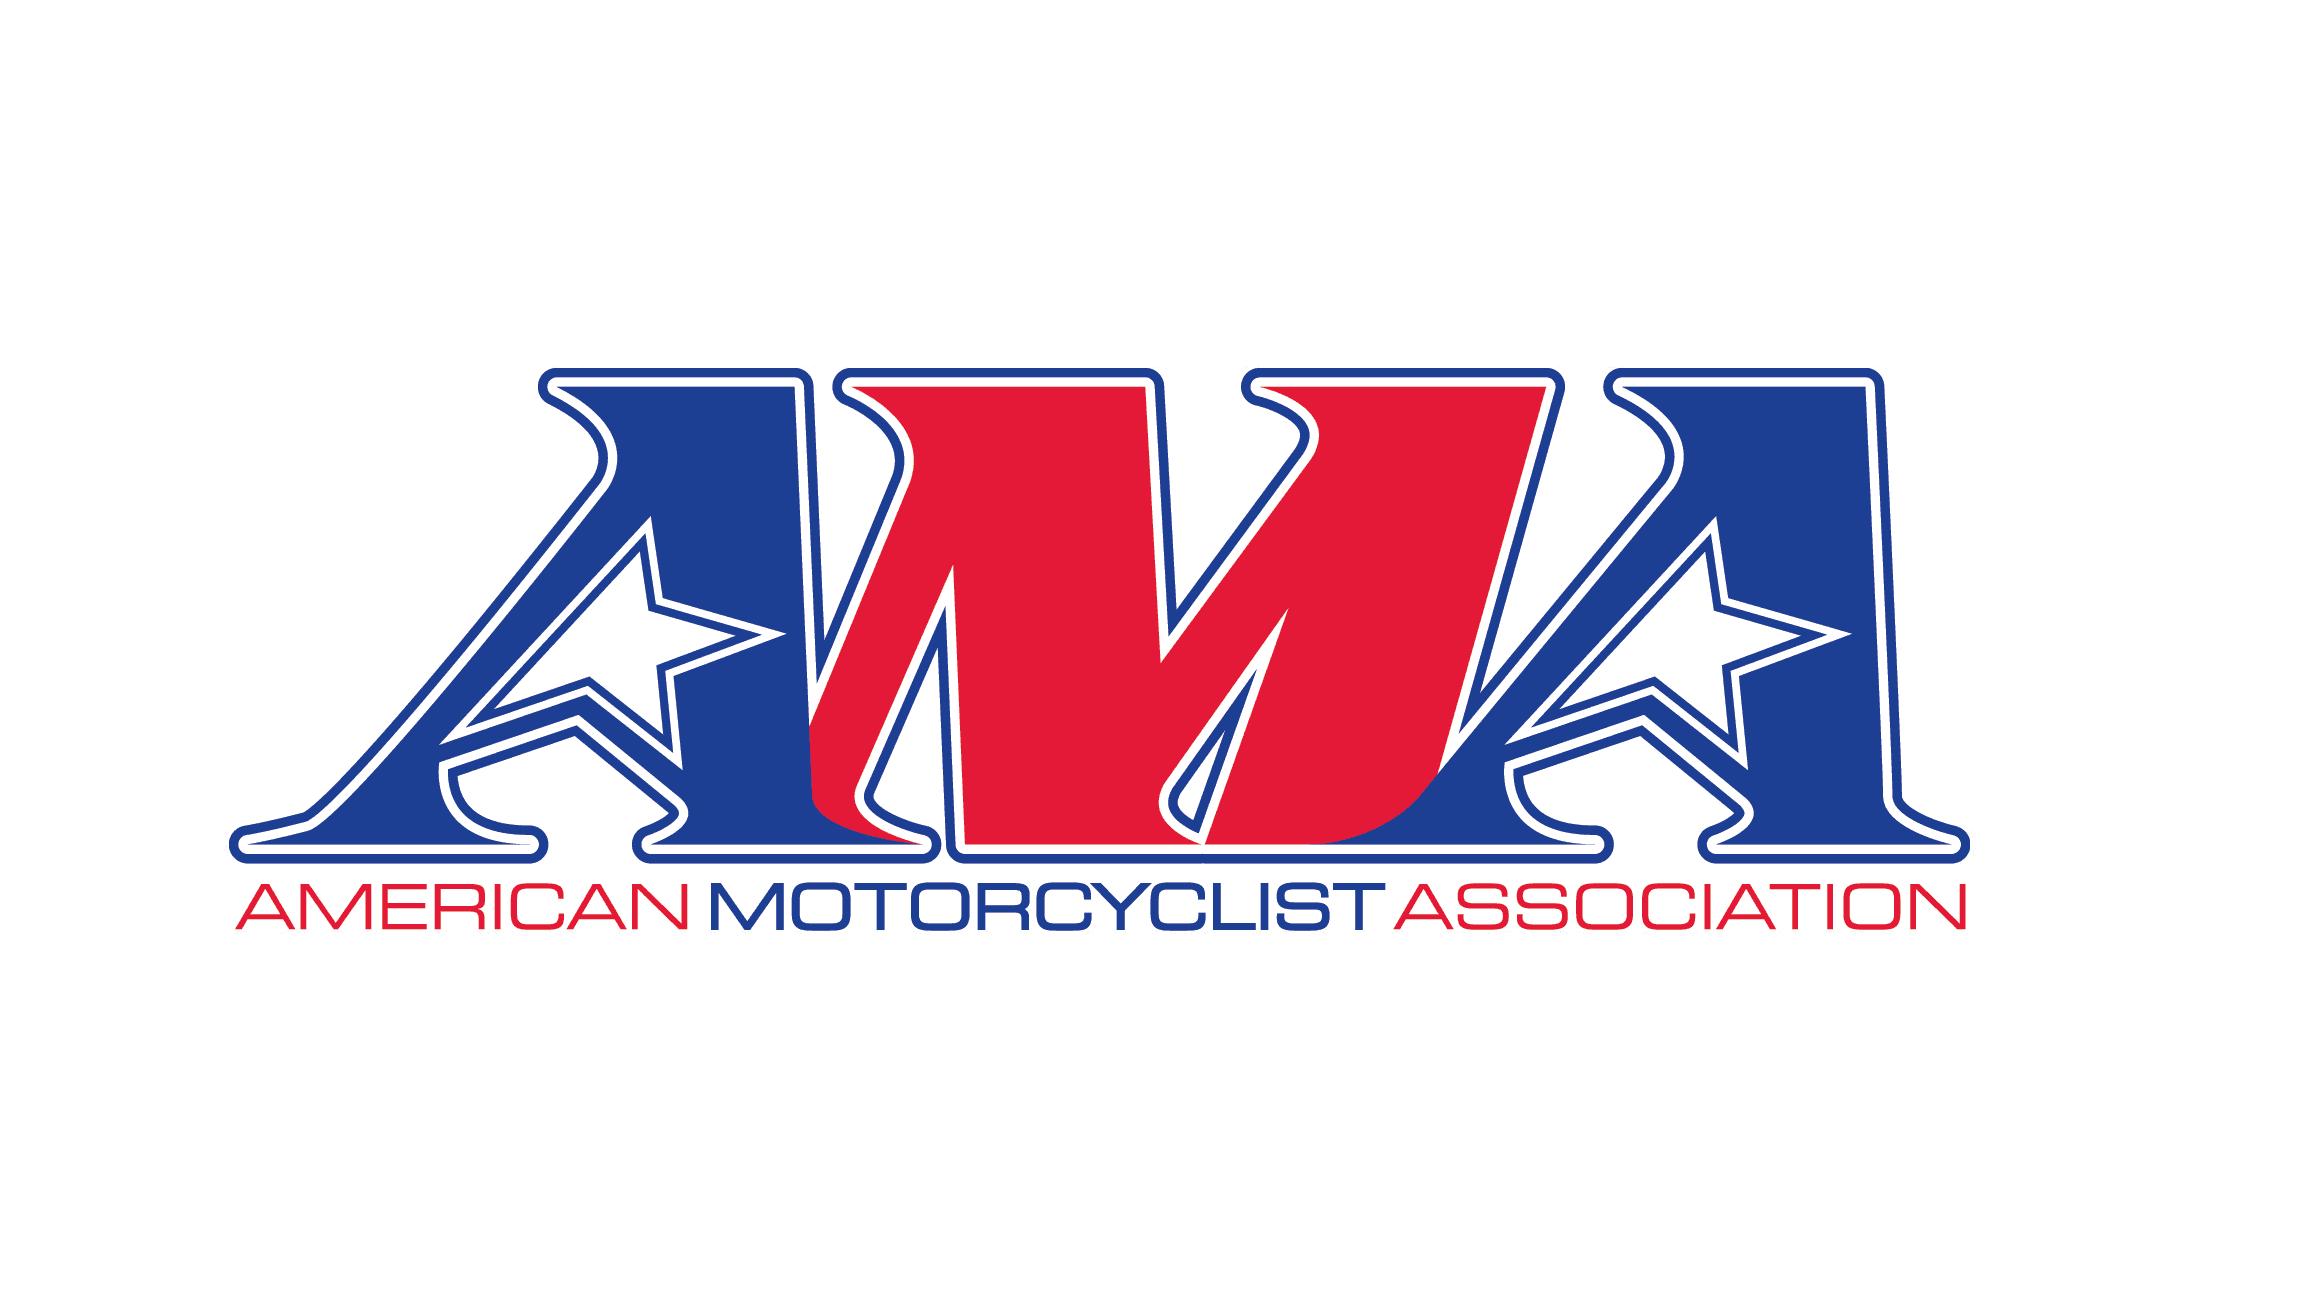 AMA-logo-large - Asphalt & Rubber